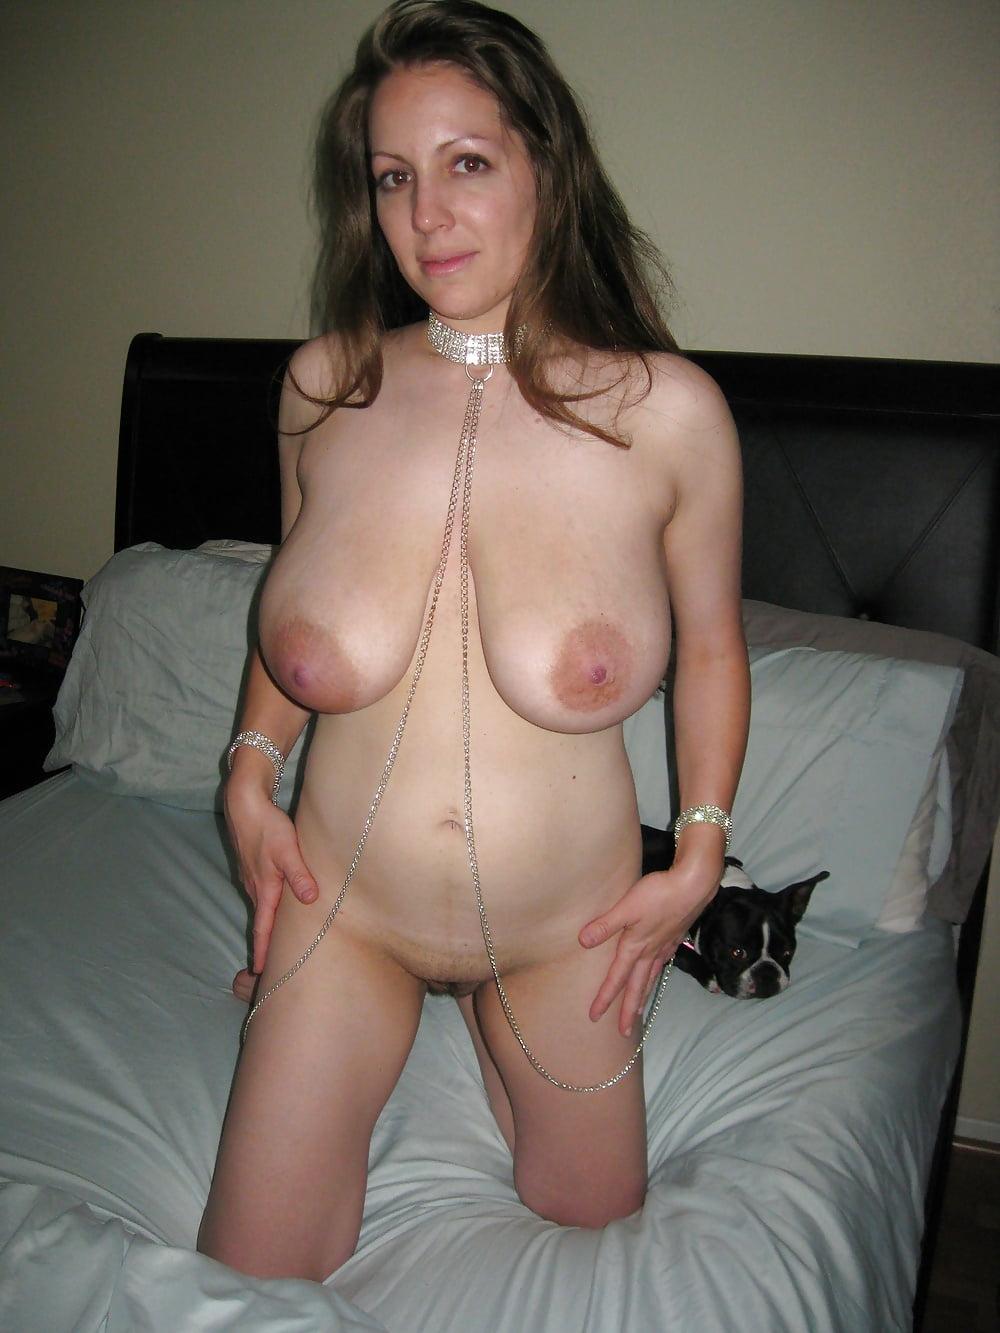 cute-nude-slut-meme-mexican-women-models